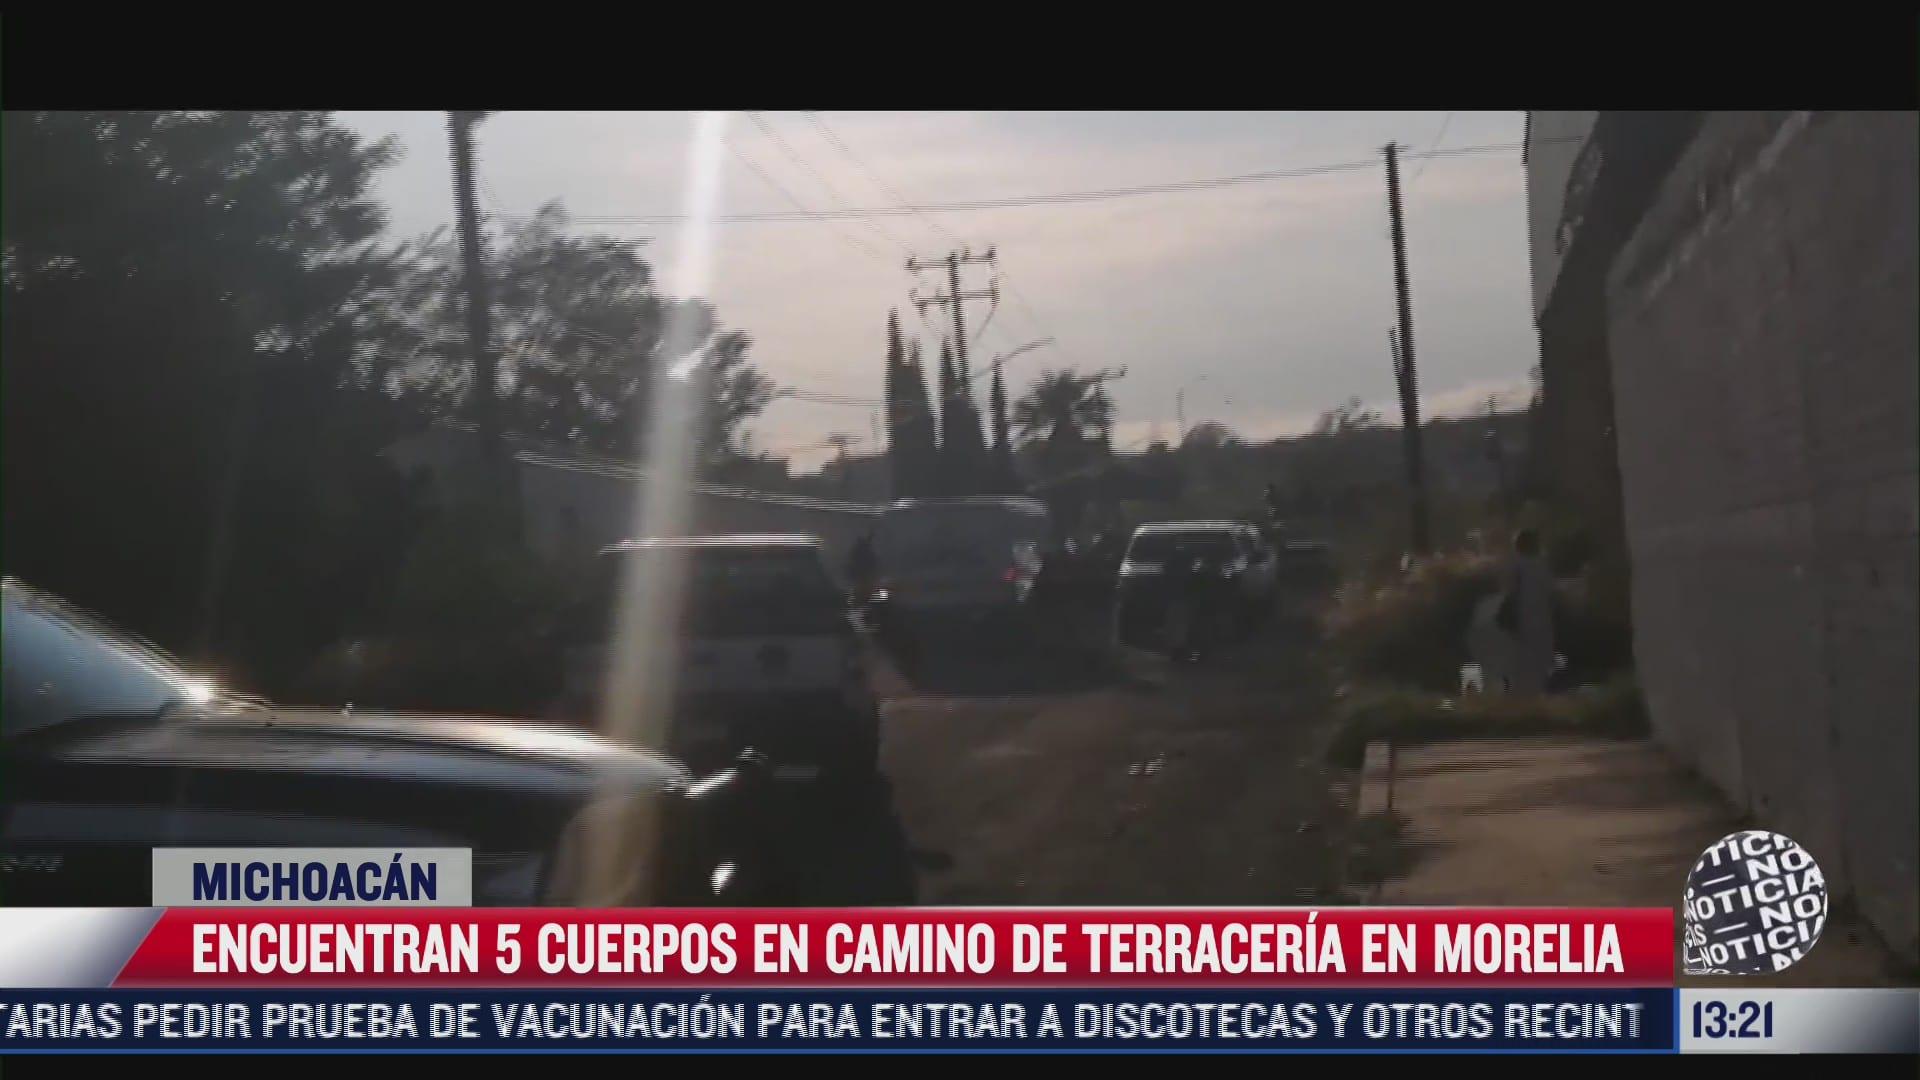 encuentran 5 cuerpos en camino de terraceria en michoacan